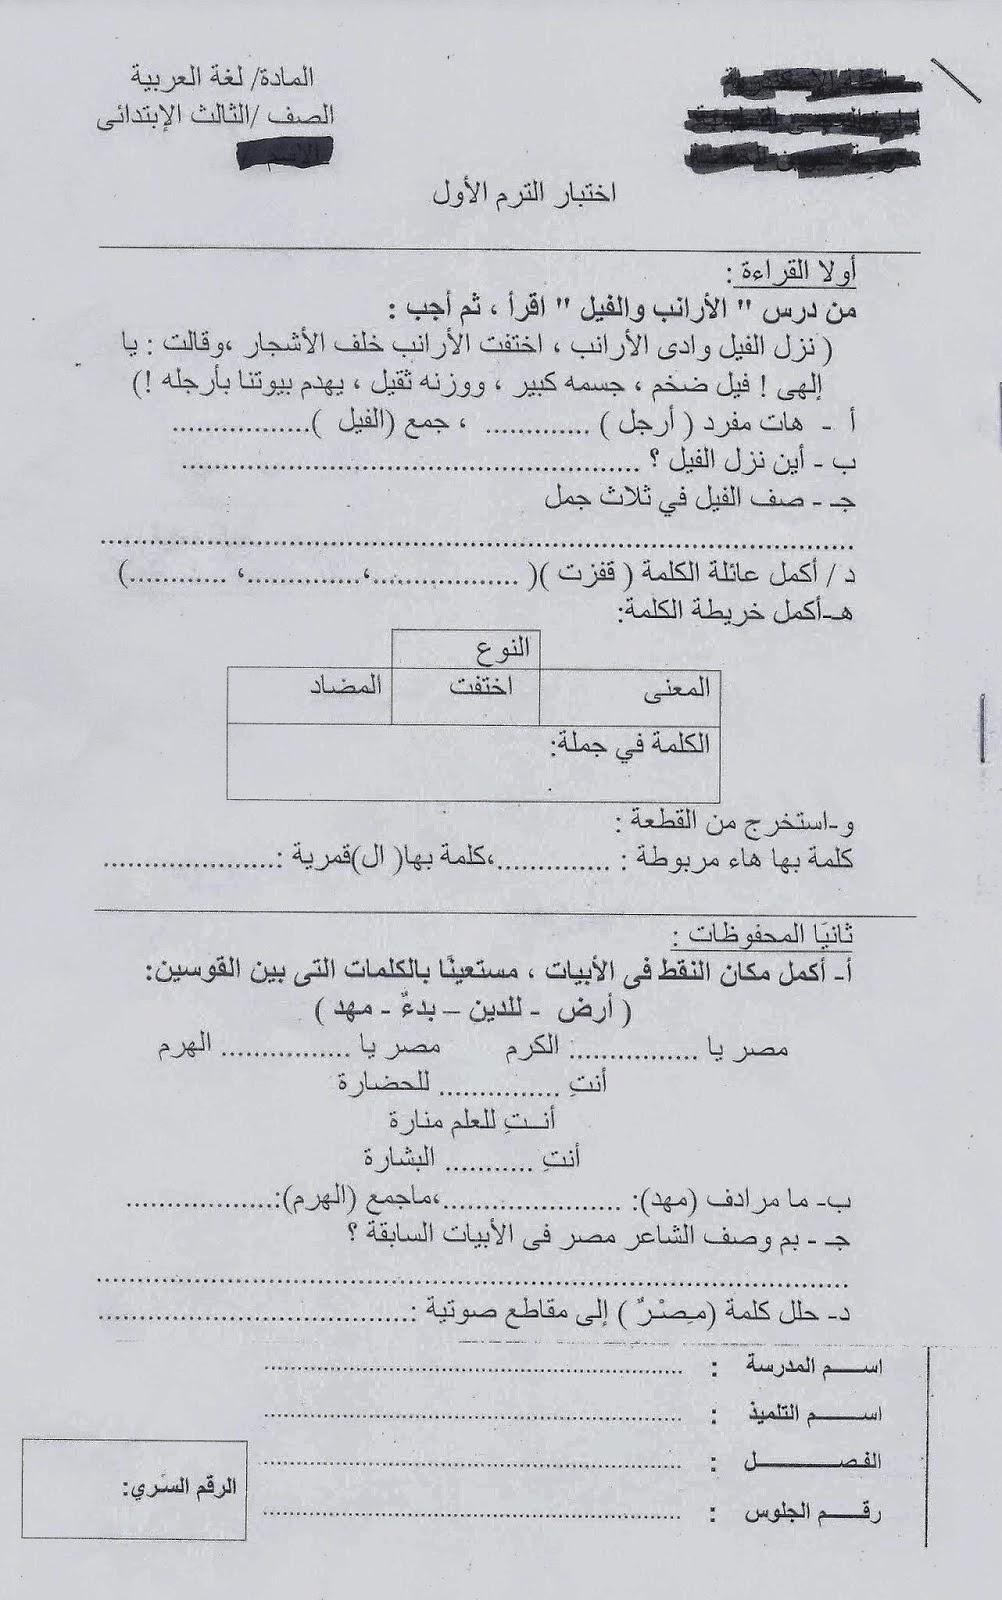 امتحانات كل مواد الصف الثالث الابتدائي الترم الأول2015 مدارس مصر حكومى و لغات scan0077.jpg